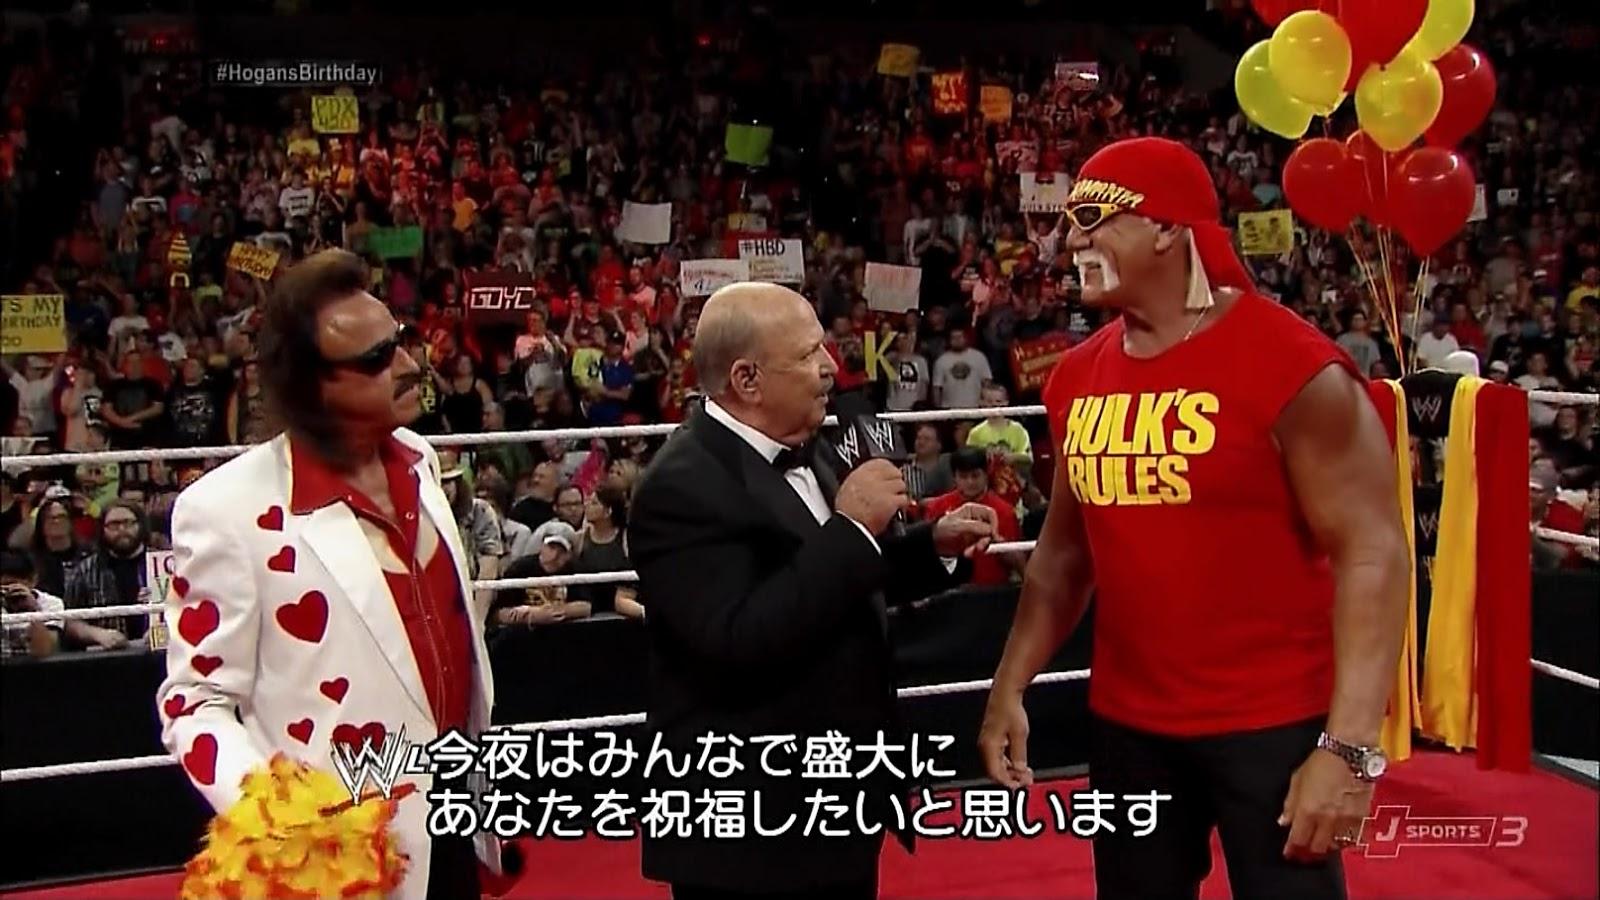 視・読・聴〕: WWEロウ #1107